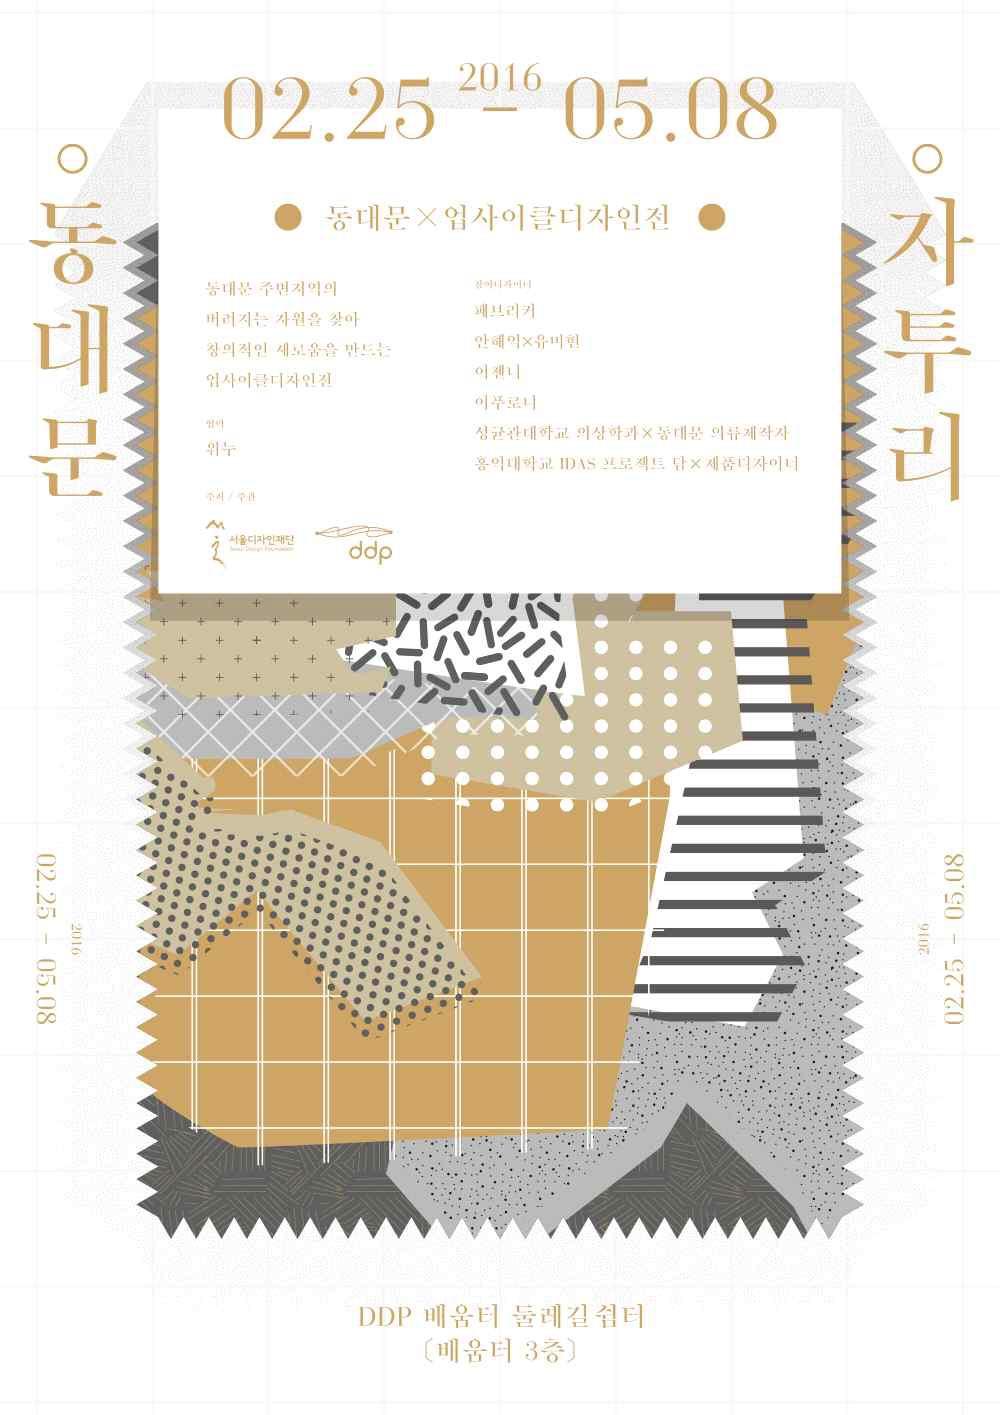 DDP 배움터 둘레길 쉼터에서 열리는 <동대문 자투리>전